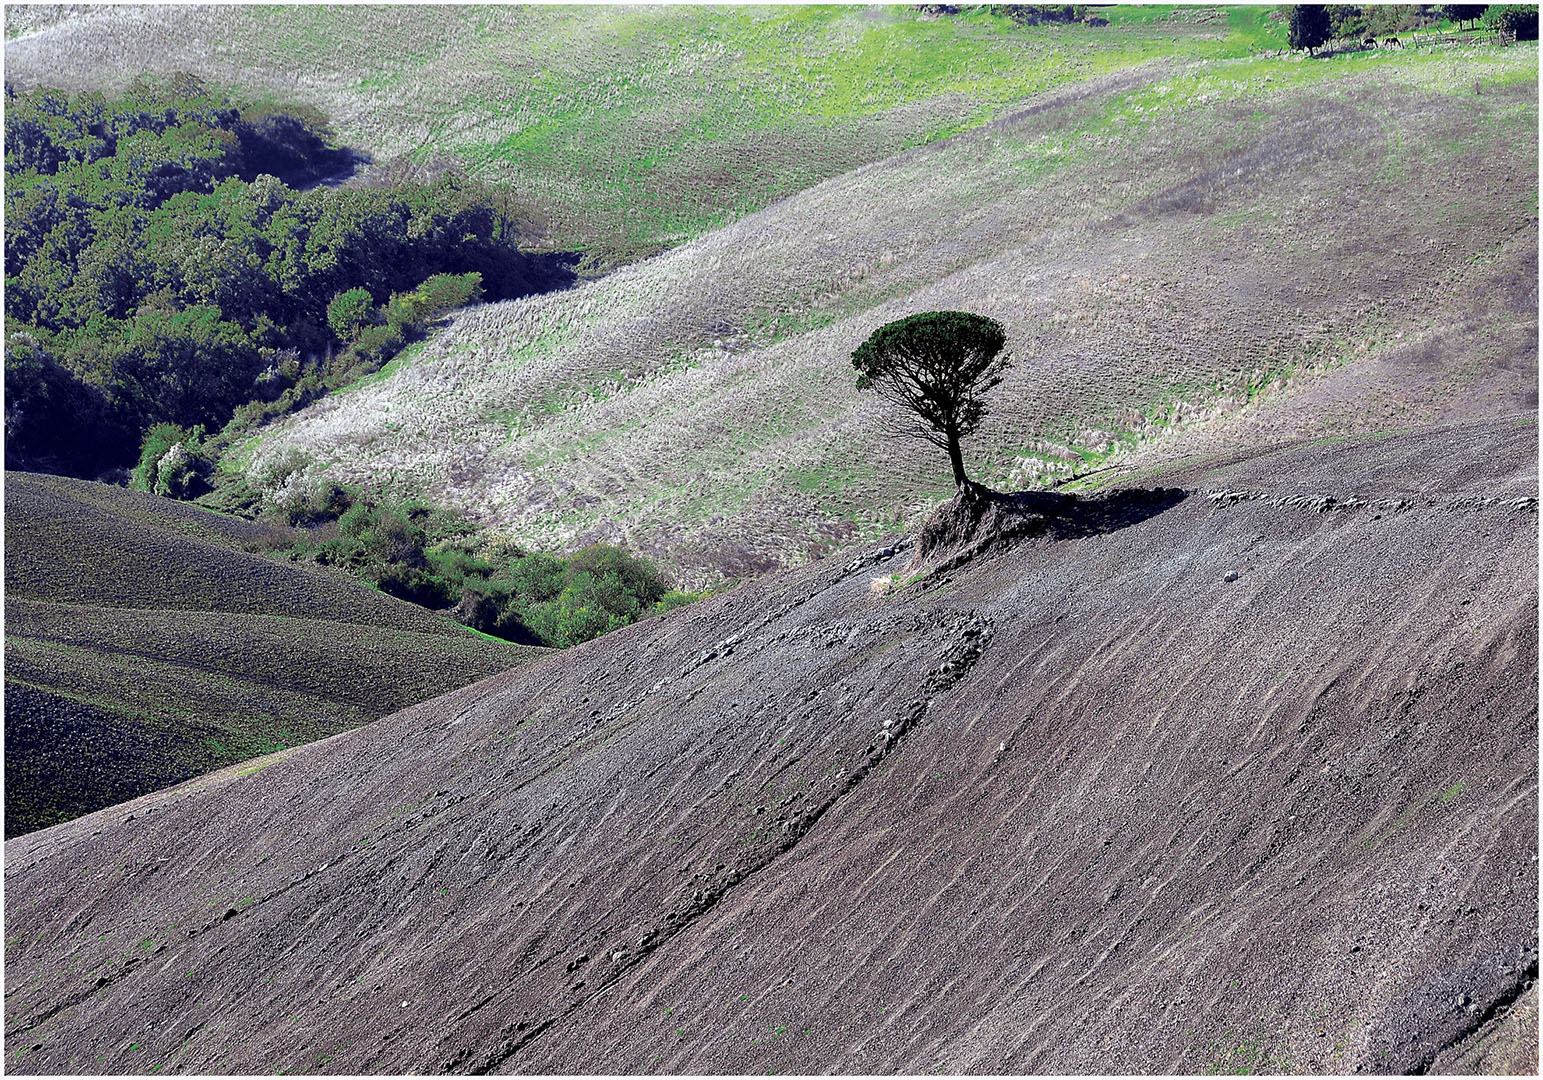 Landscapes_252_I10.1-34